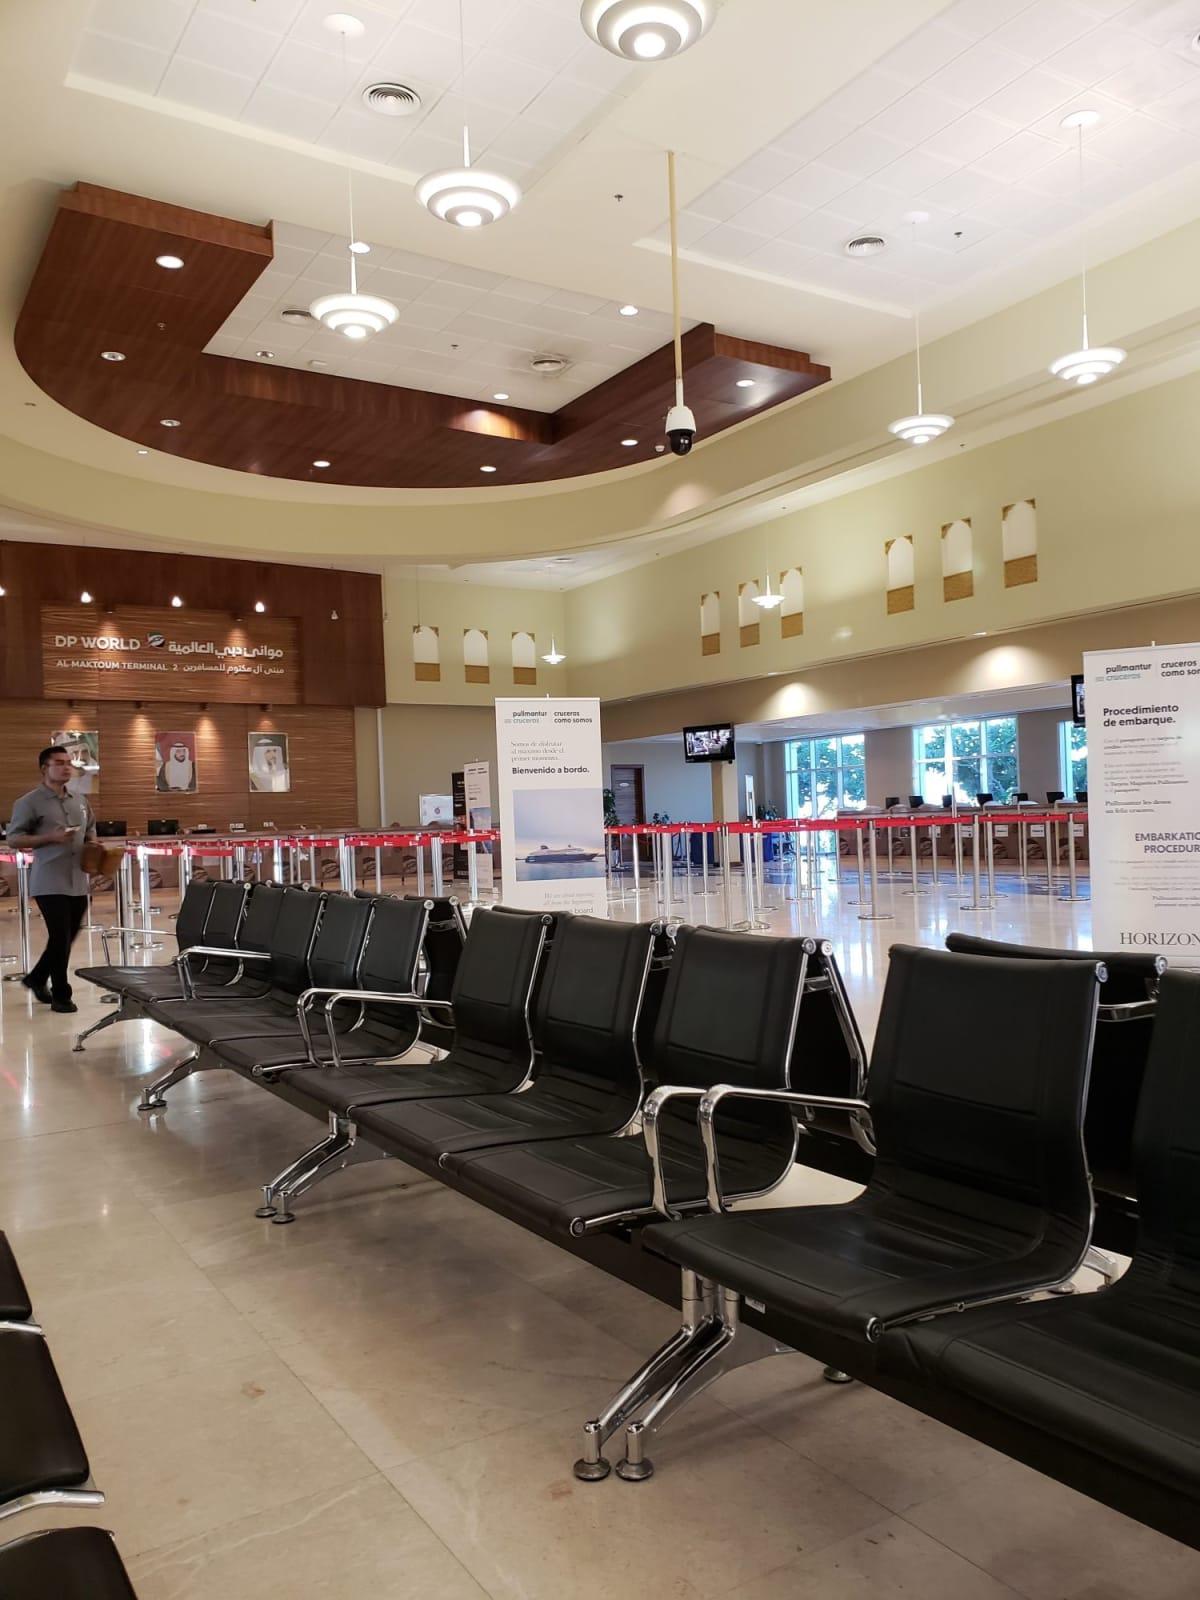 ターミナル内ではまだチェックインは始まっておらず、少し待ちました。 | ドバイでのプルマントゥール